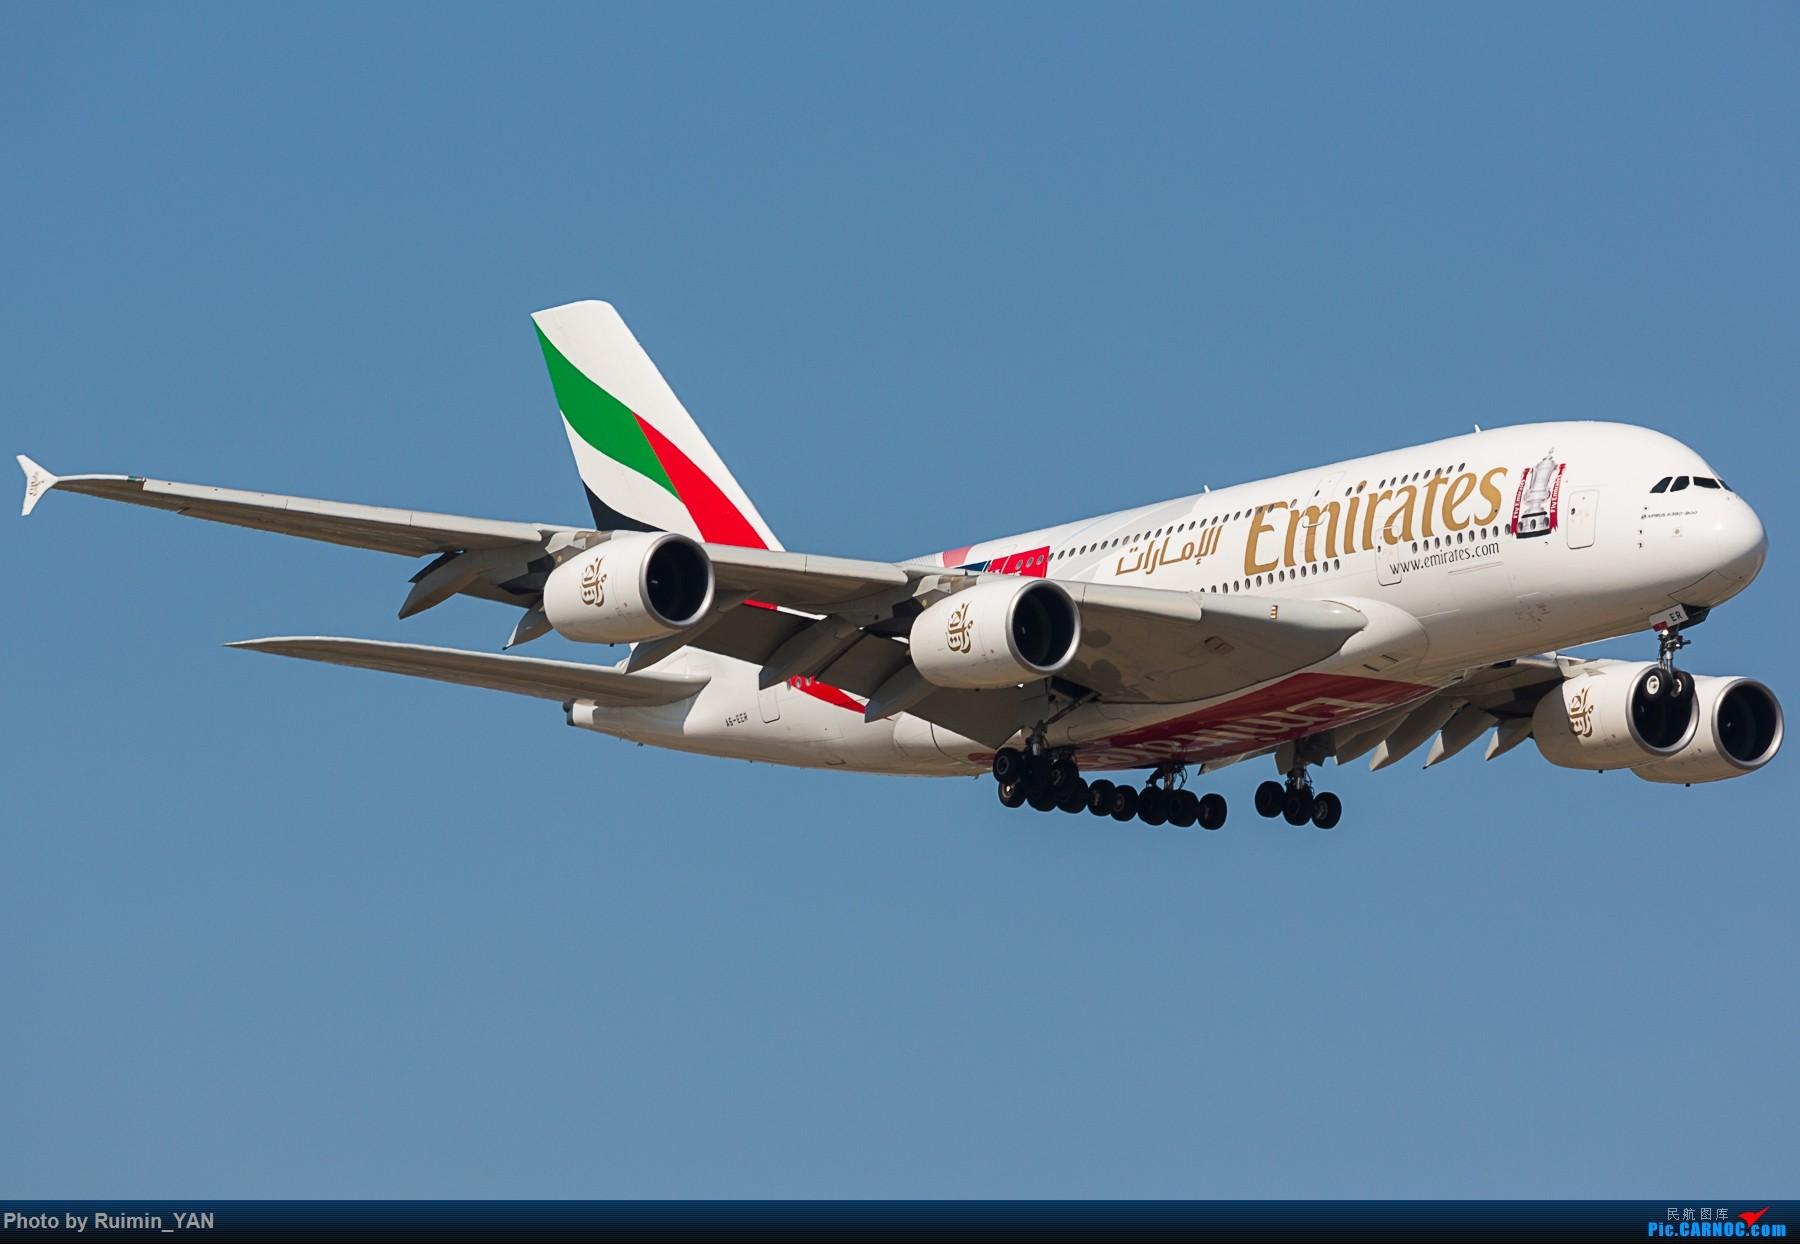 [原创]【PEK】【彩绘】阿联酋(EK,Emirates)足总杯(现已涂成普装)A380 A6-EER AIRBUS A380-800 A6-EER 中国北京首都国际机场